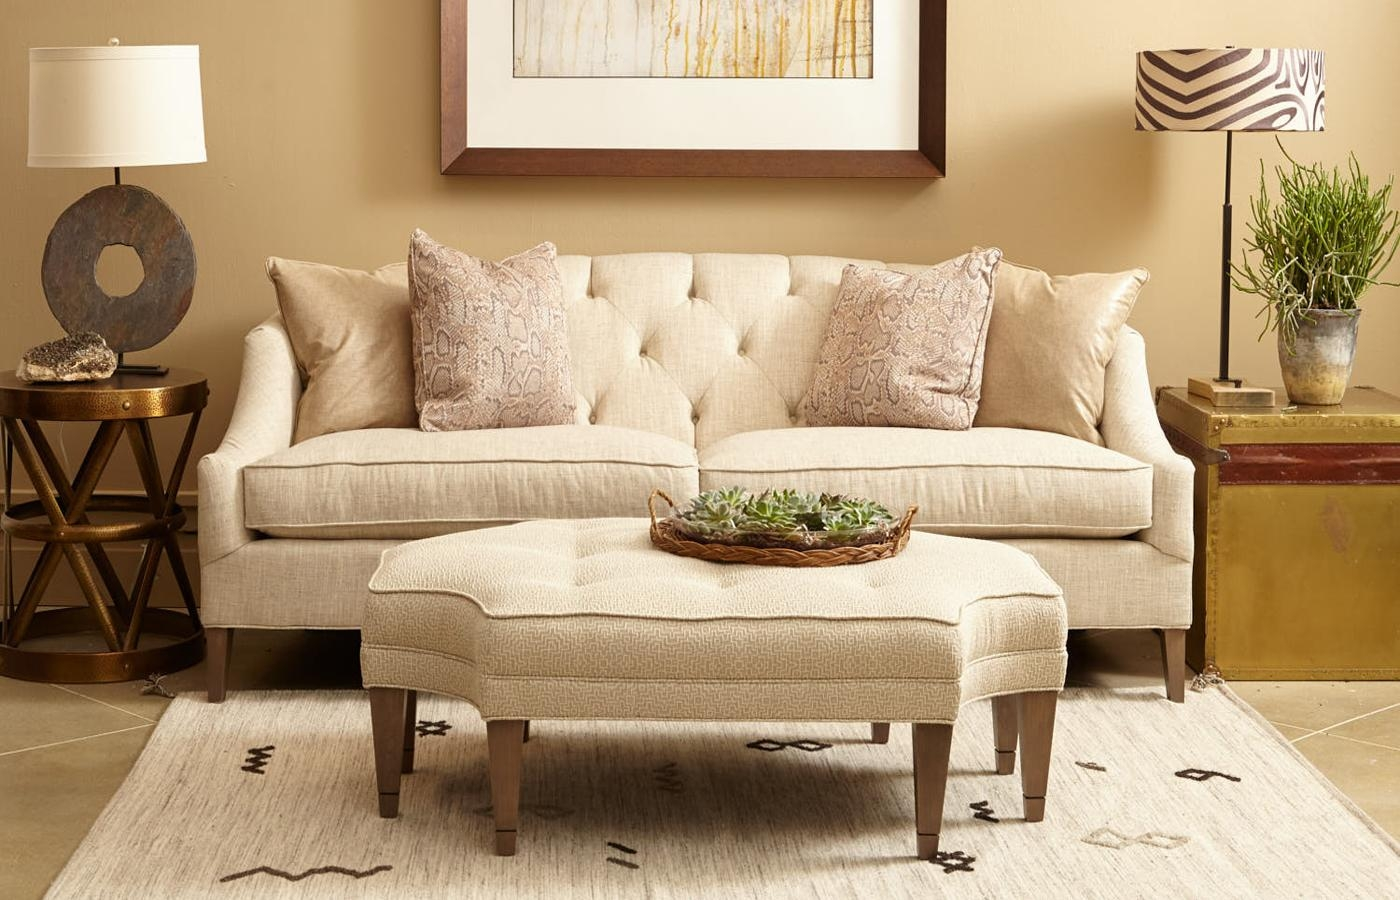 norwalk sofa and chair bamboo papasan 20 top chairs ideas